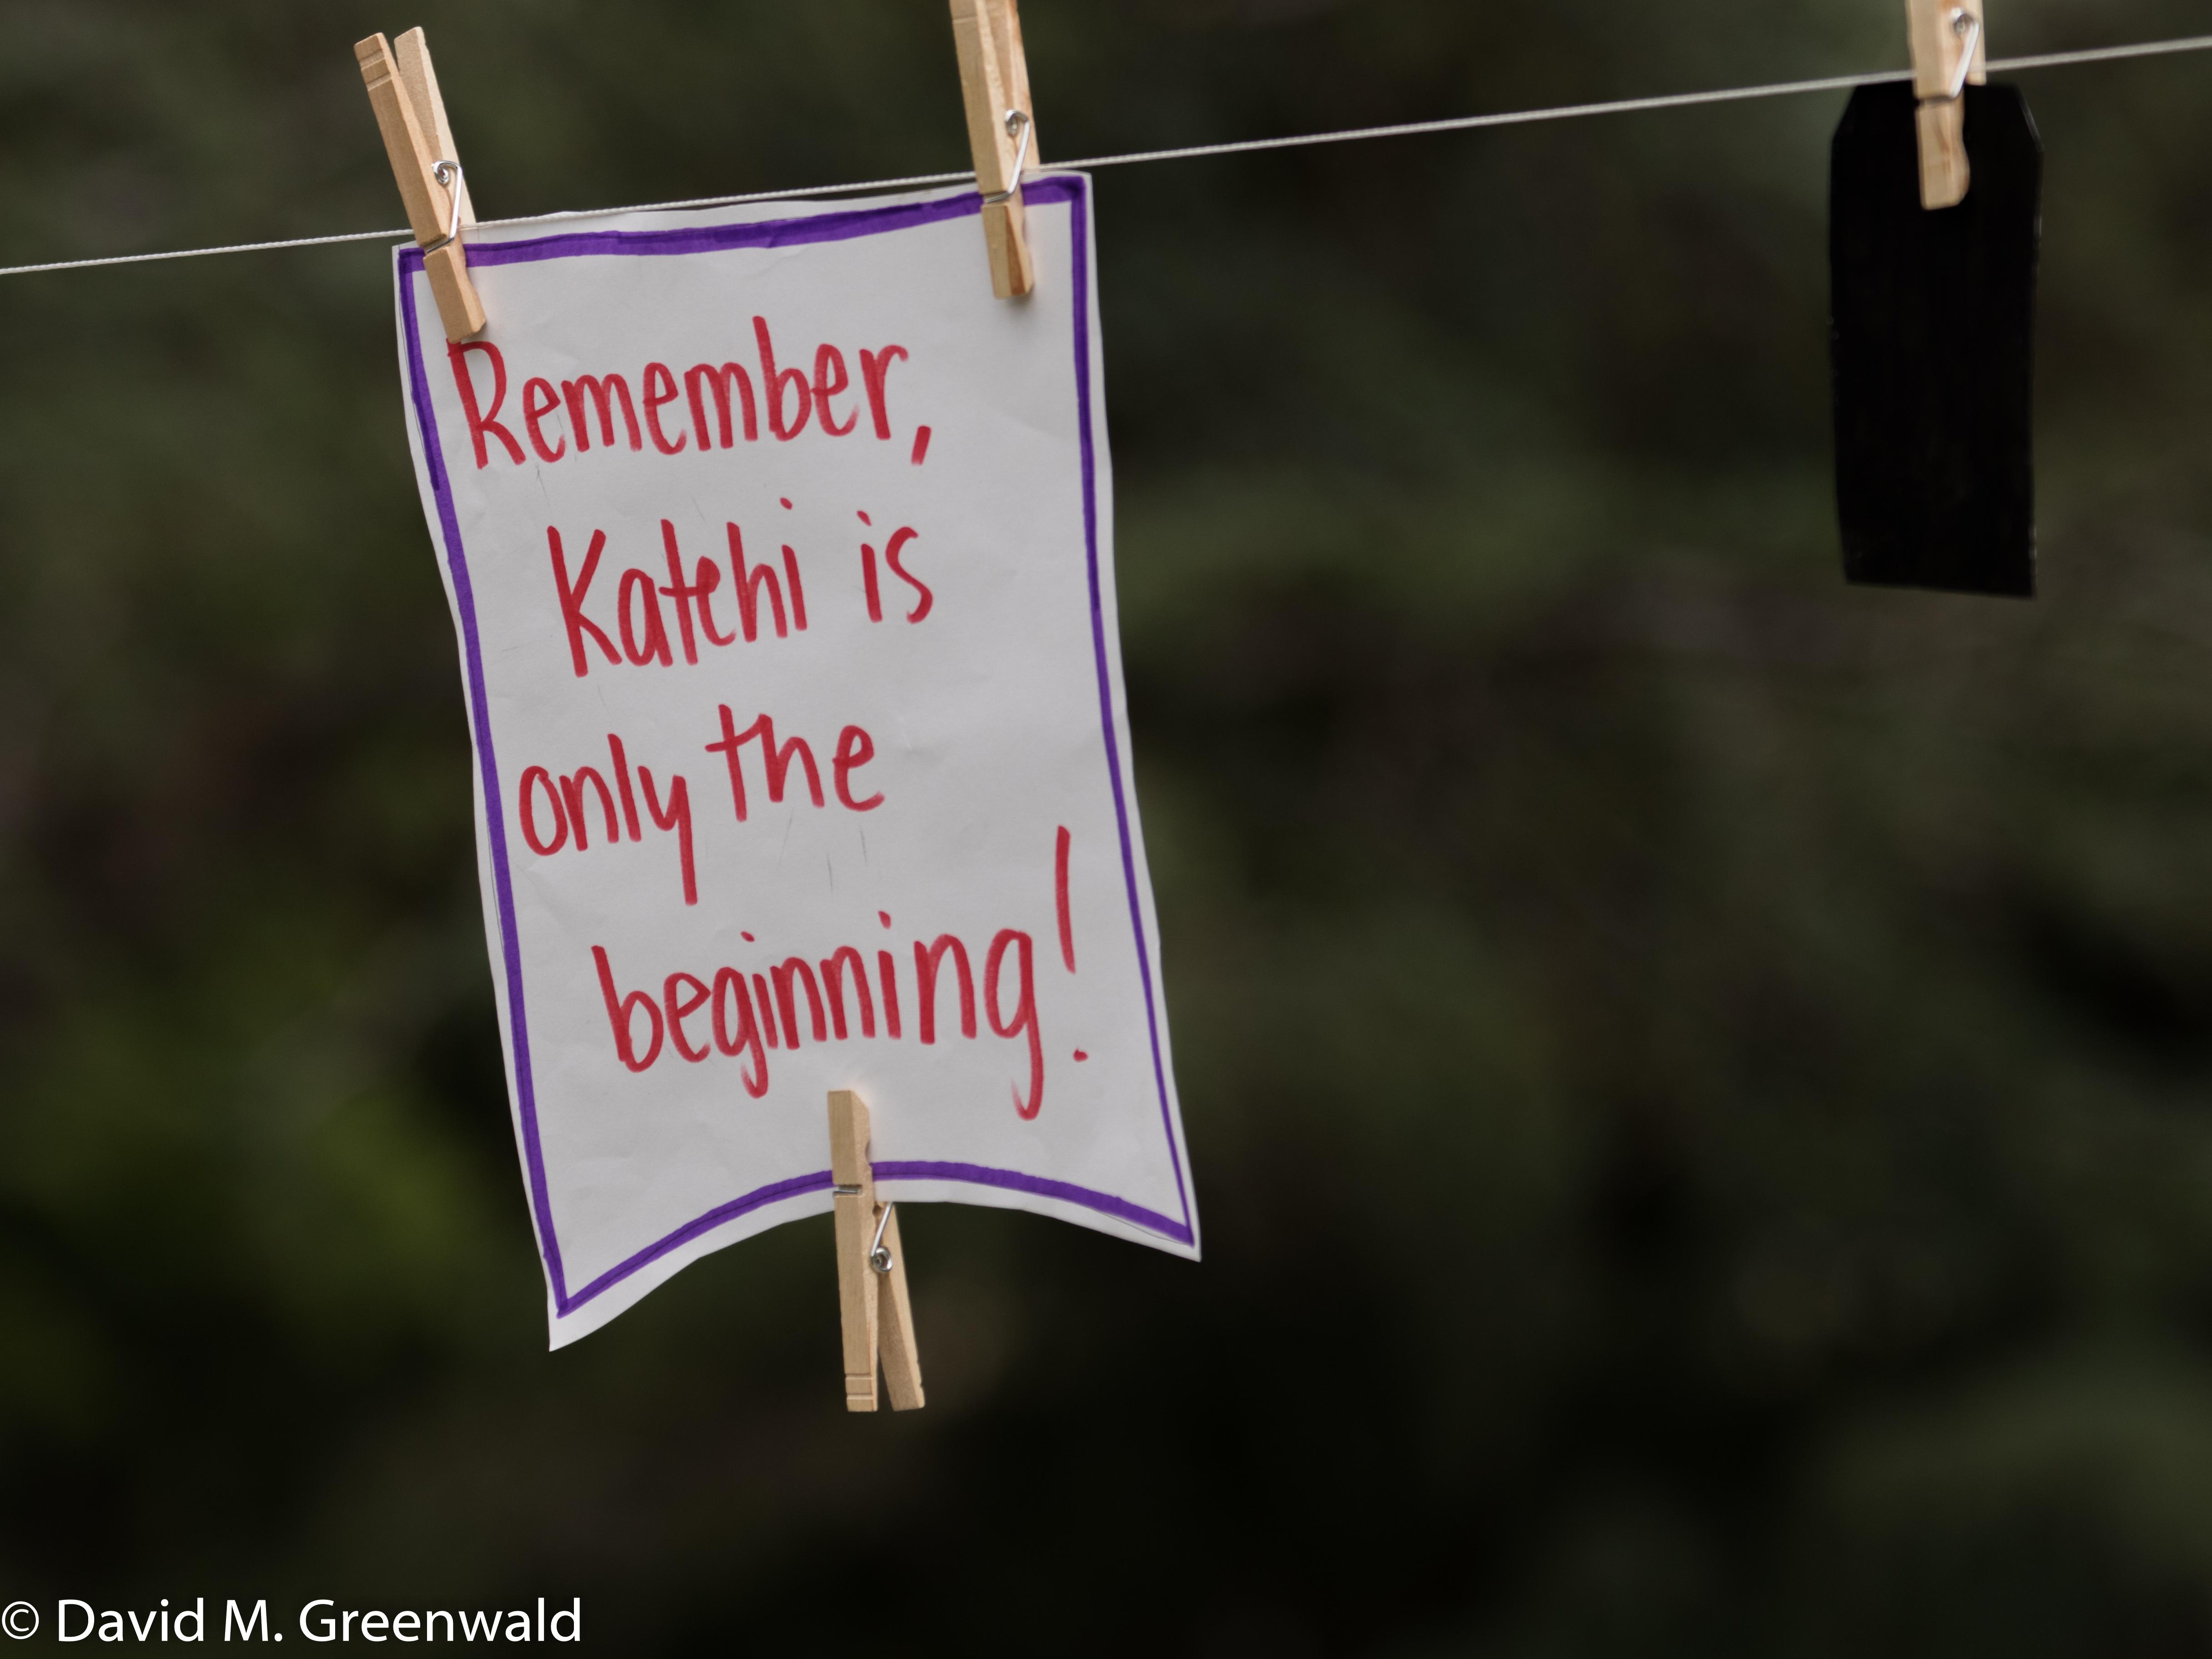 Katehi-Laundry-10